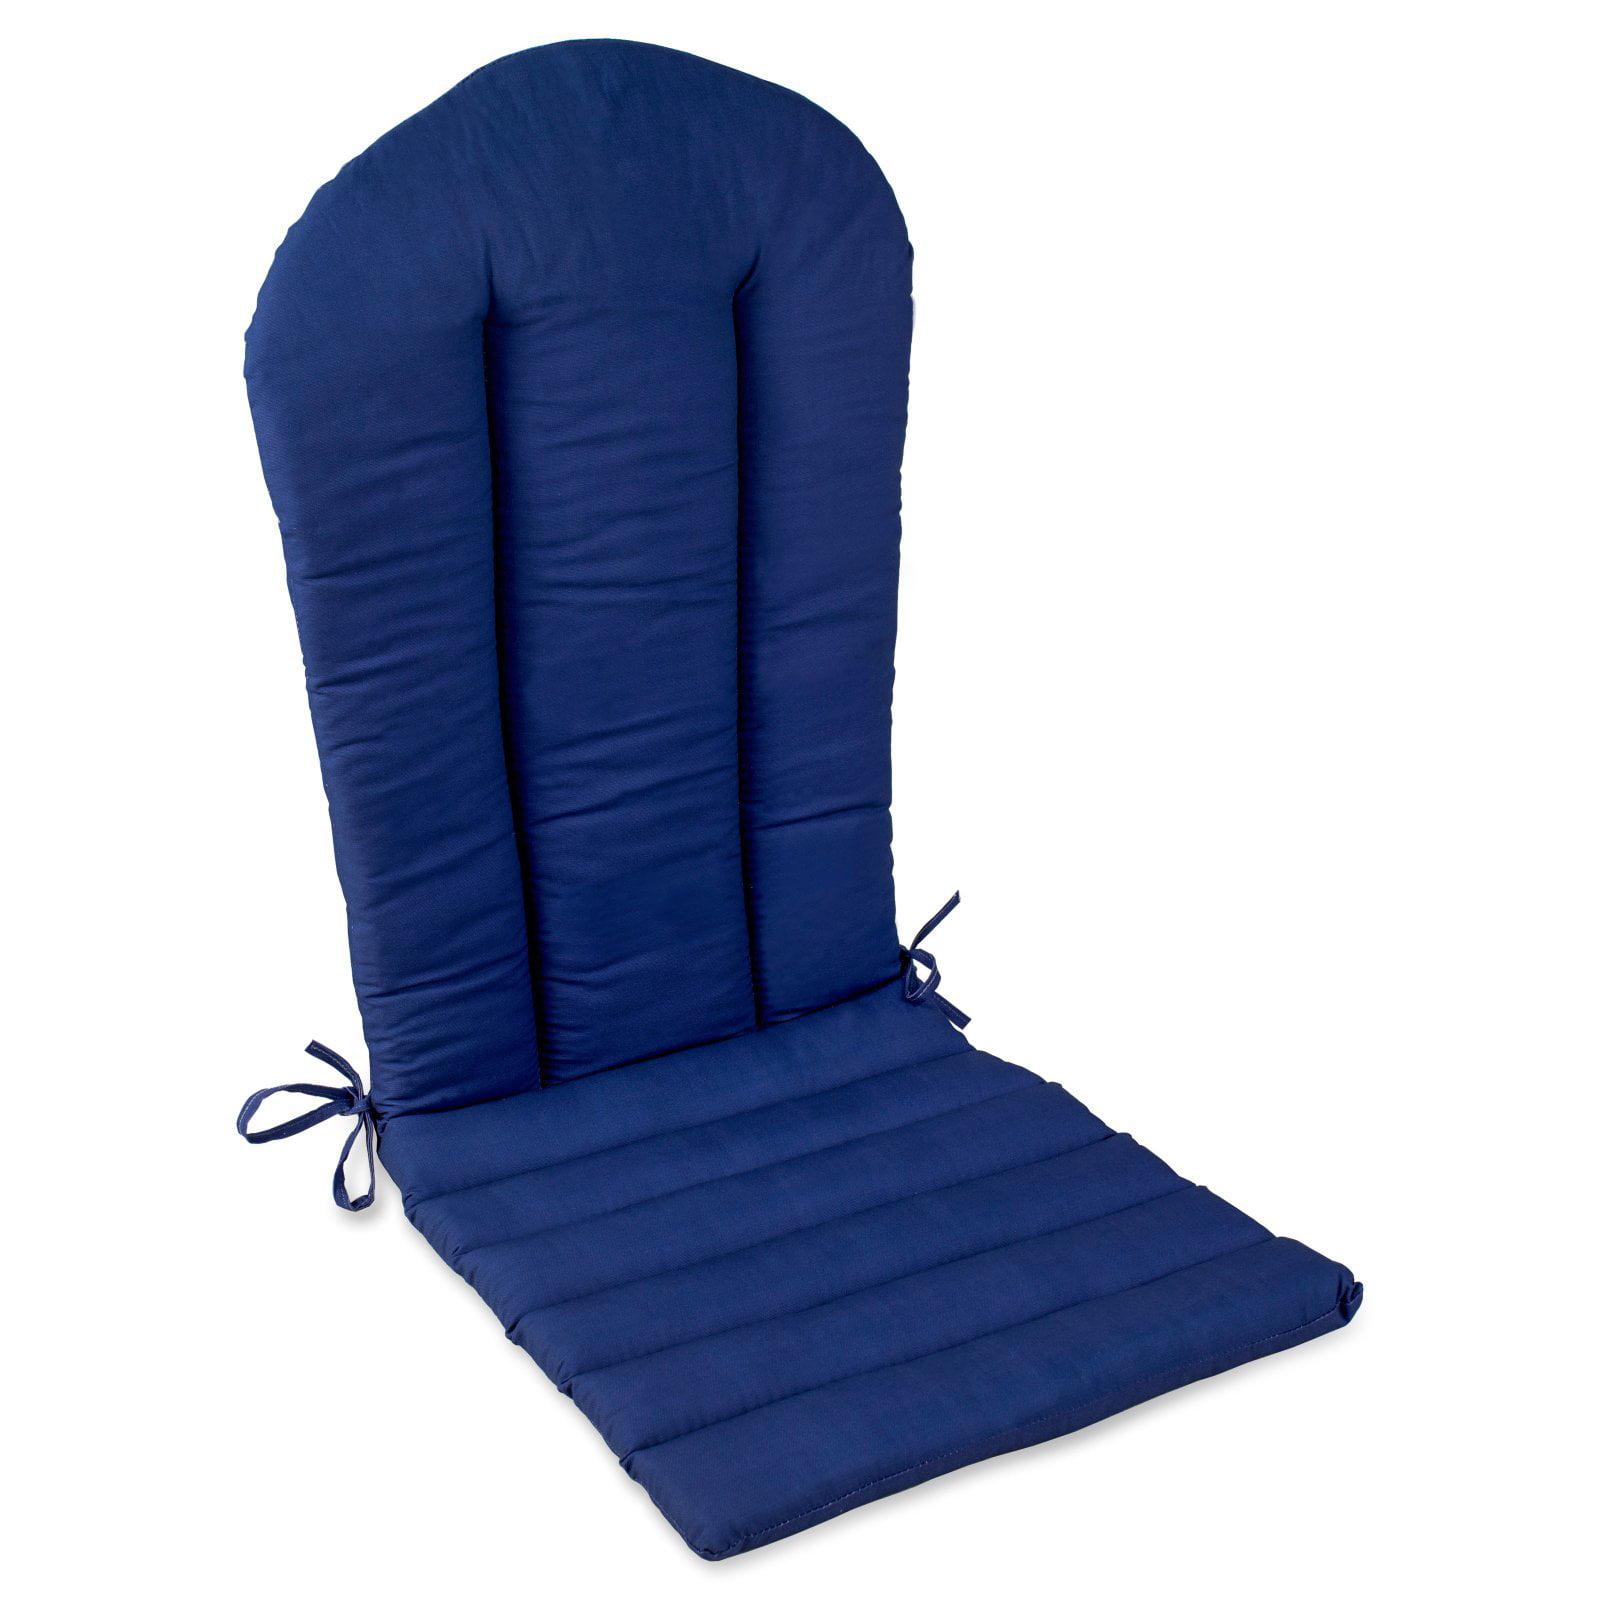 Coral Coast Geo Adirondack Chair Cushion